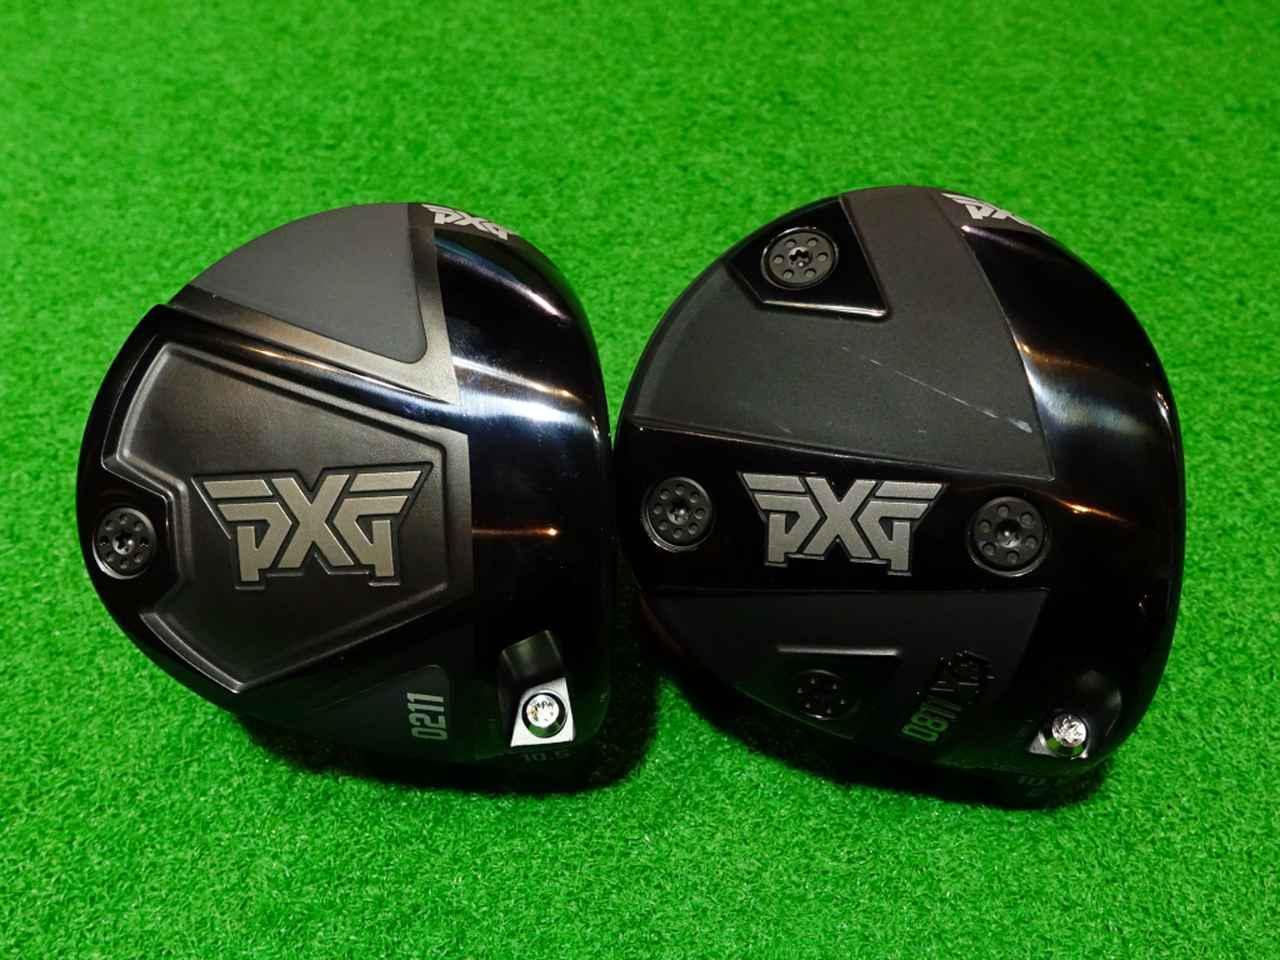 画像: PXGのリーズナブルドライバー「0211」(左)、「0811X+プロトタイプ」(右)をプロが試打!